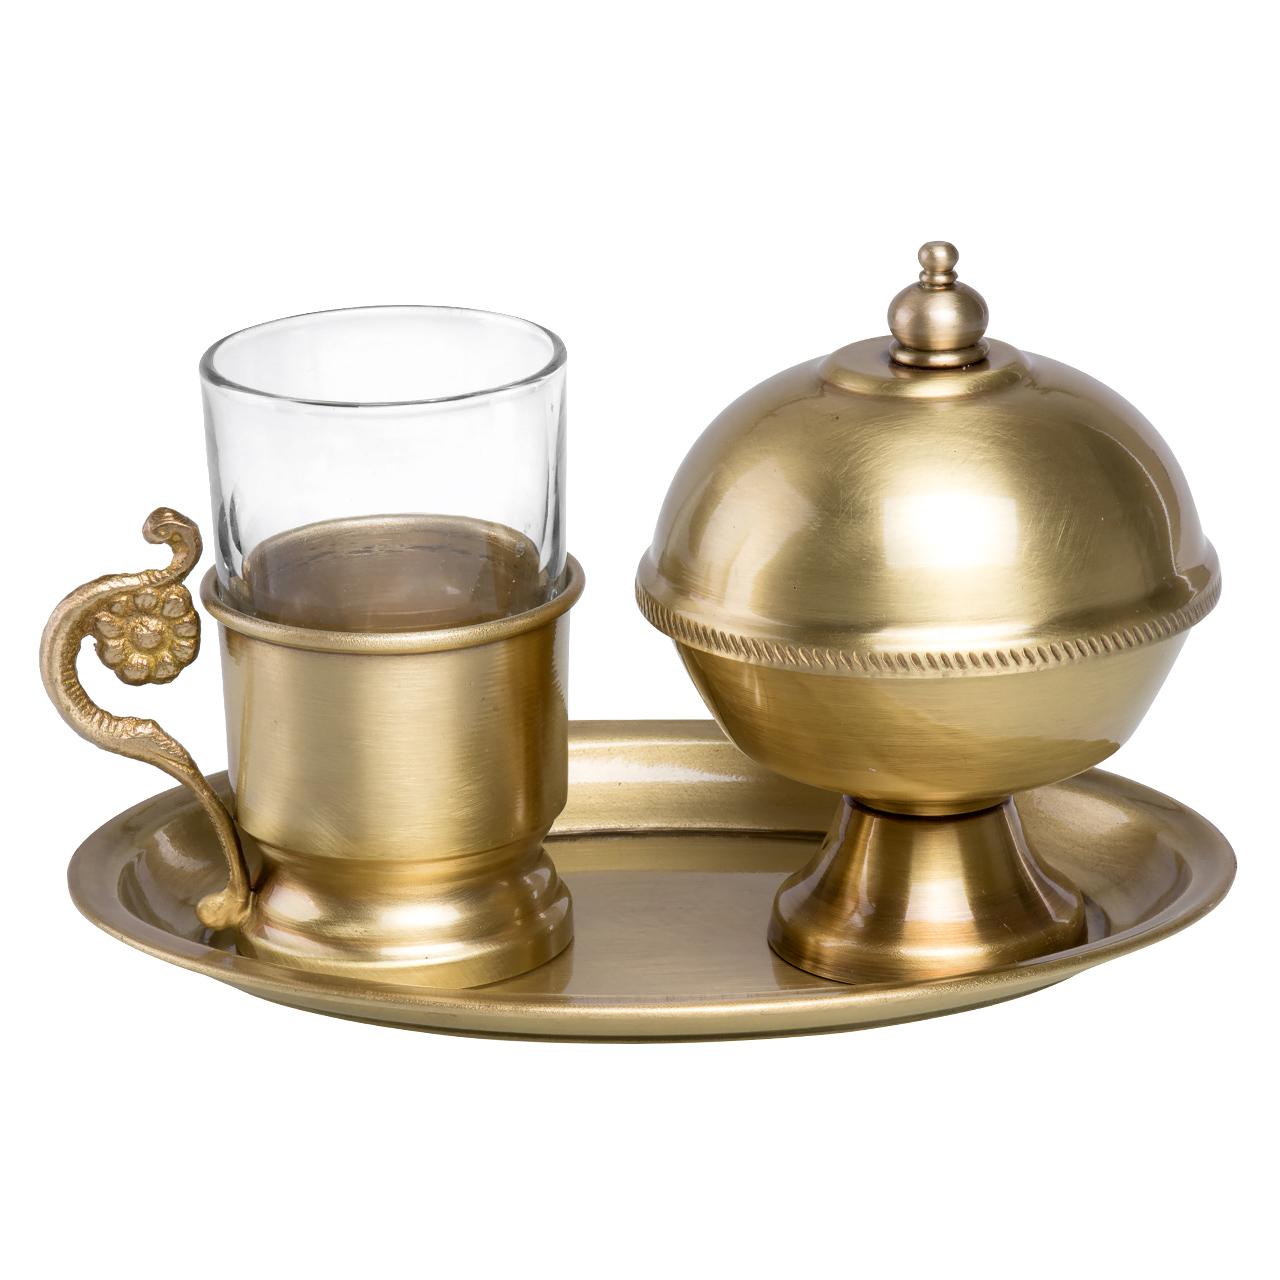 عکس سرویس چای خوری 3 پارچه کد 500